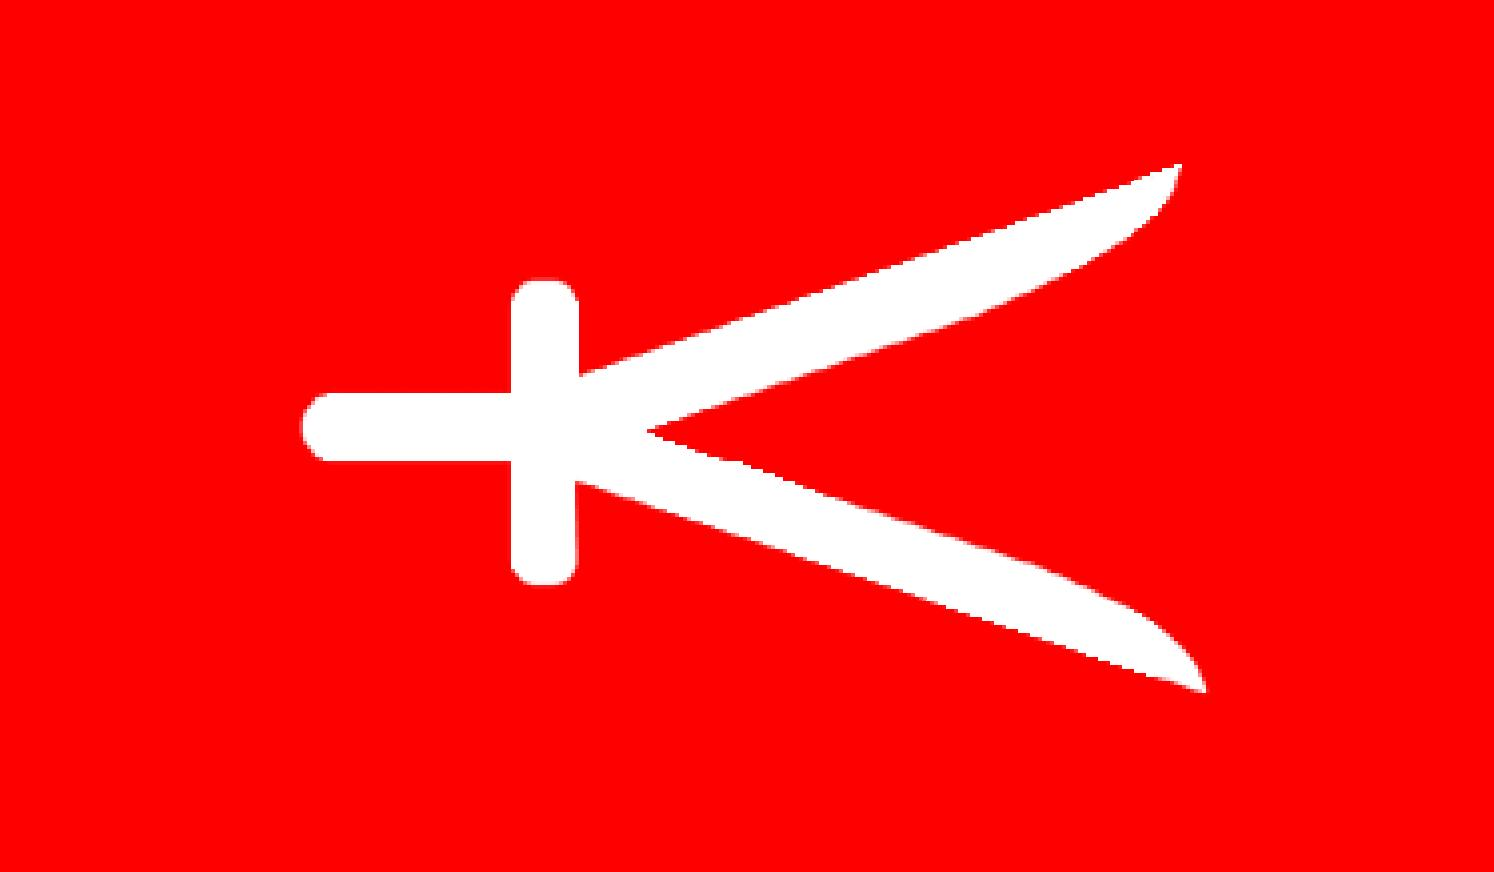 https://upload.wikimedia.org/wikipedia/commons/0/0d/Drapeau_Ahmed_Bey_de_Constantine.jpg